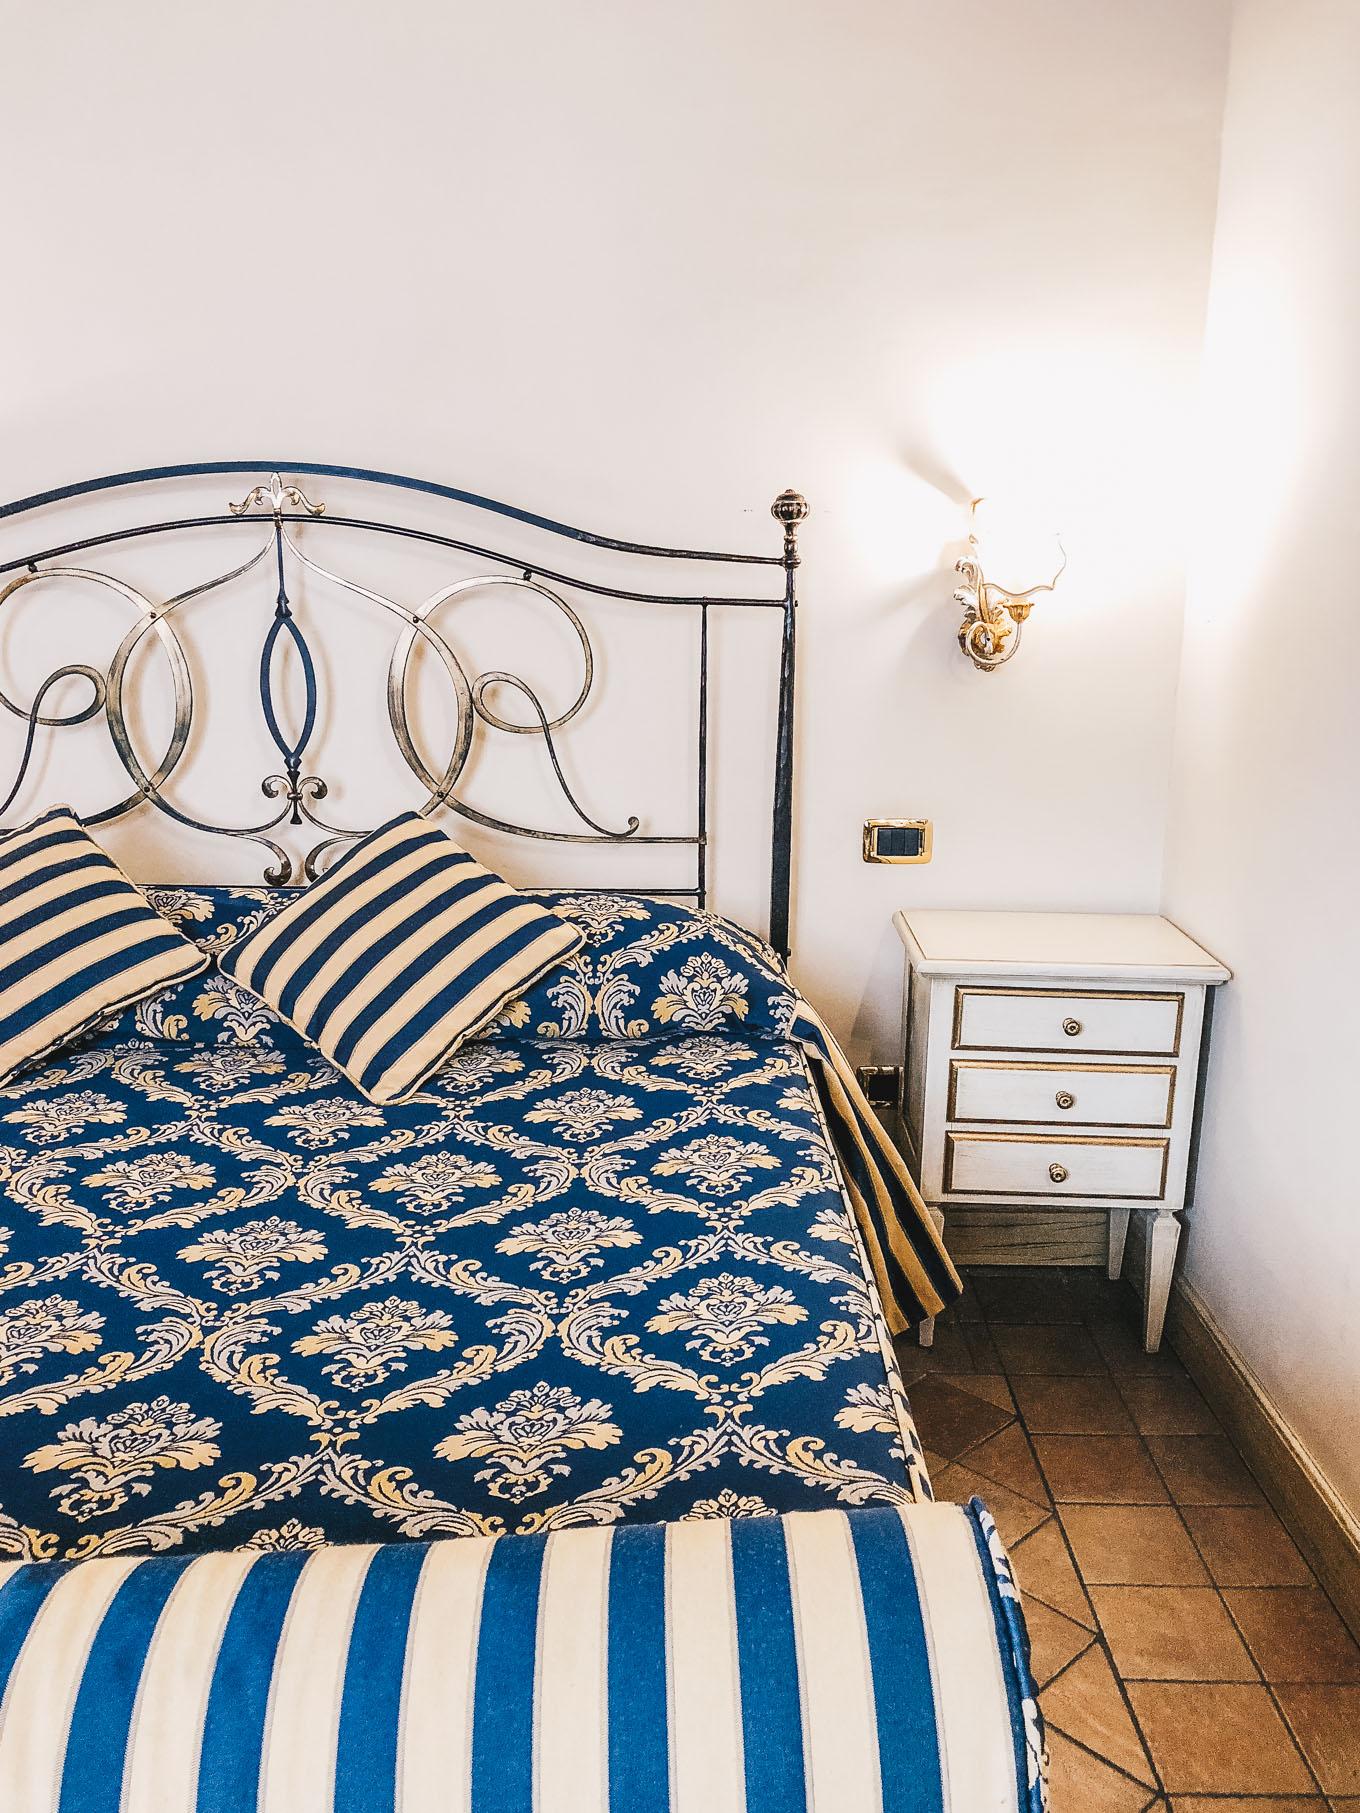 Sicilian bed La locanda del gagini